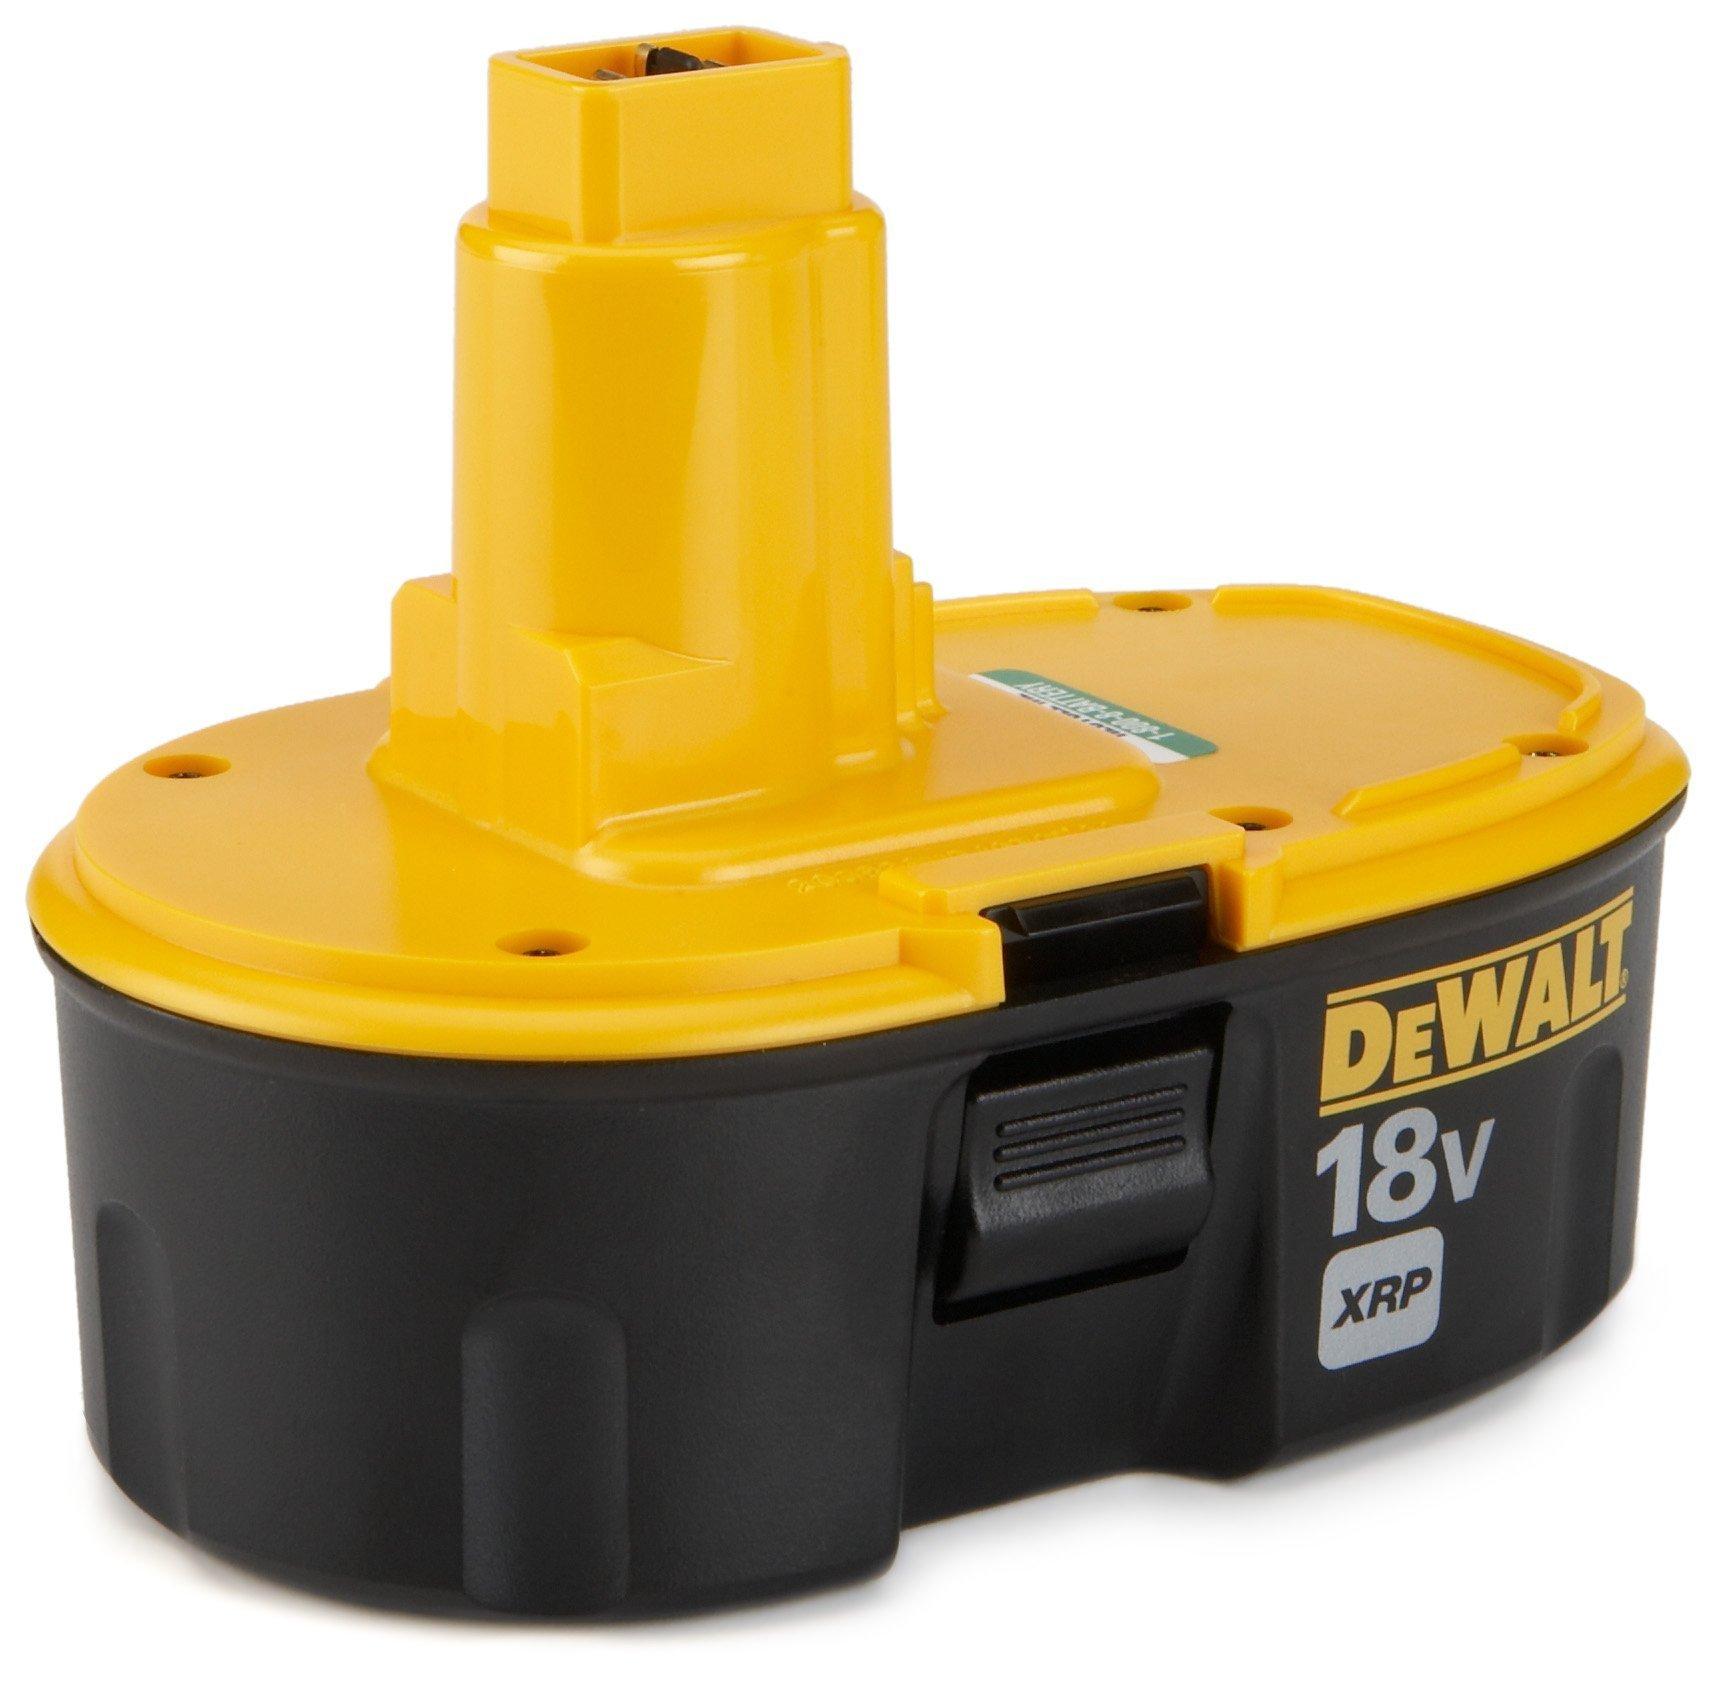 DEWALT 18V Battery, NiCd Pod Style, 2.4-Ah (DC9096) by DEWALT